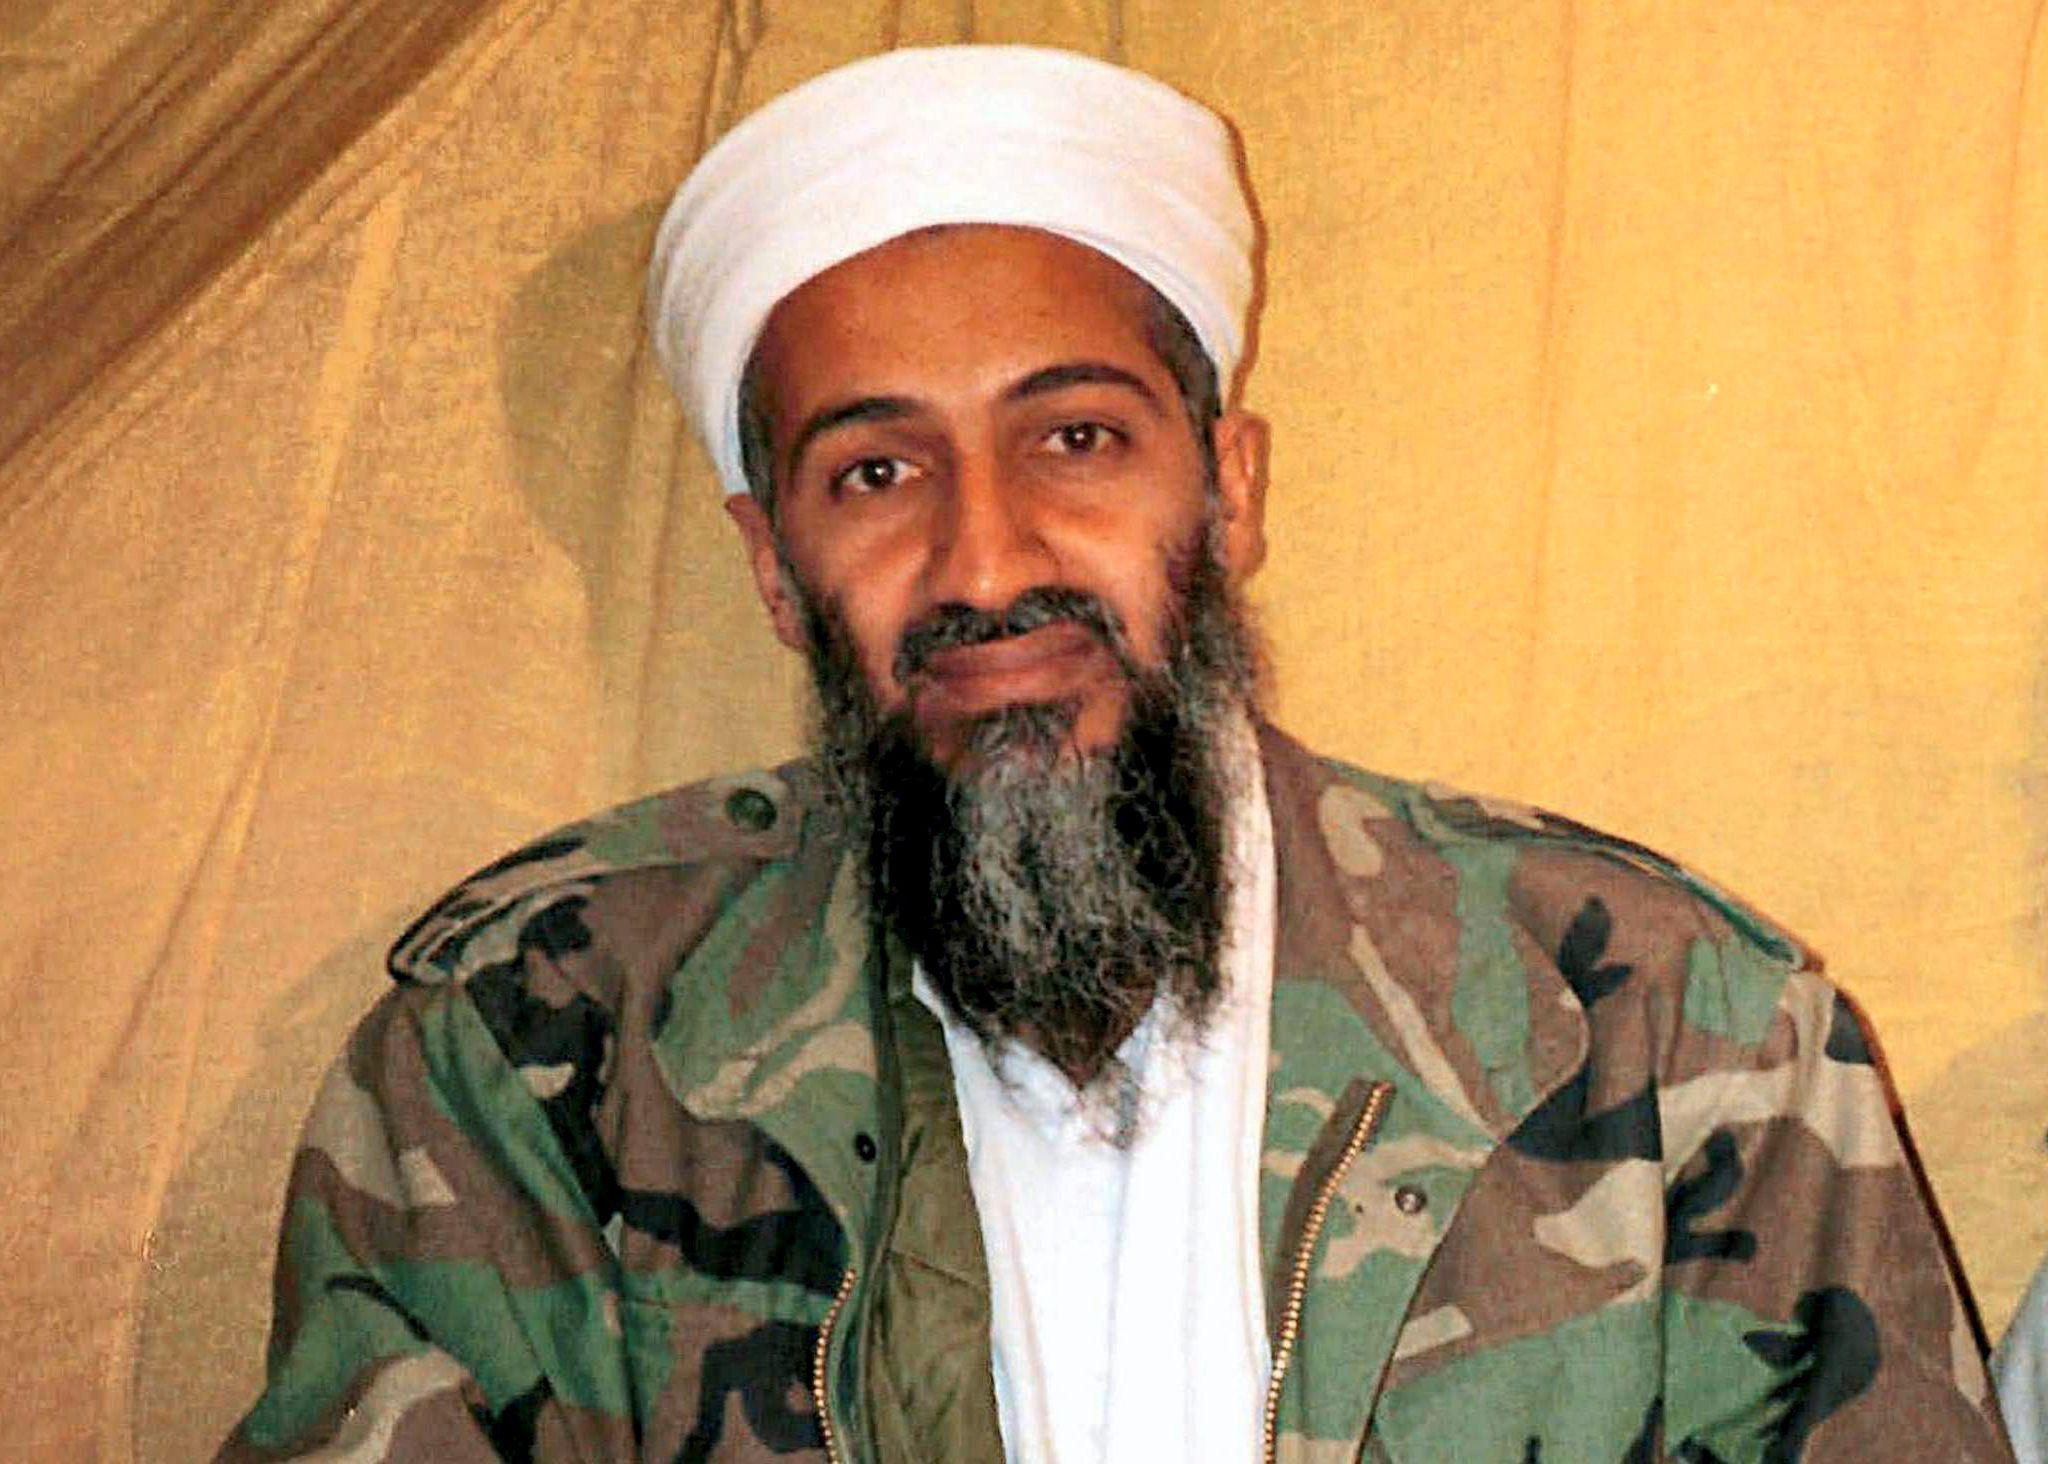 Falsk bin Laden pågrepet